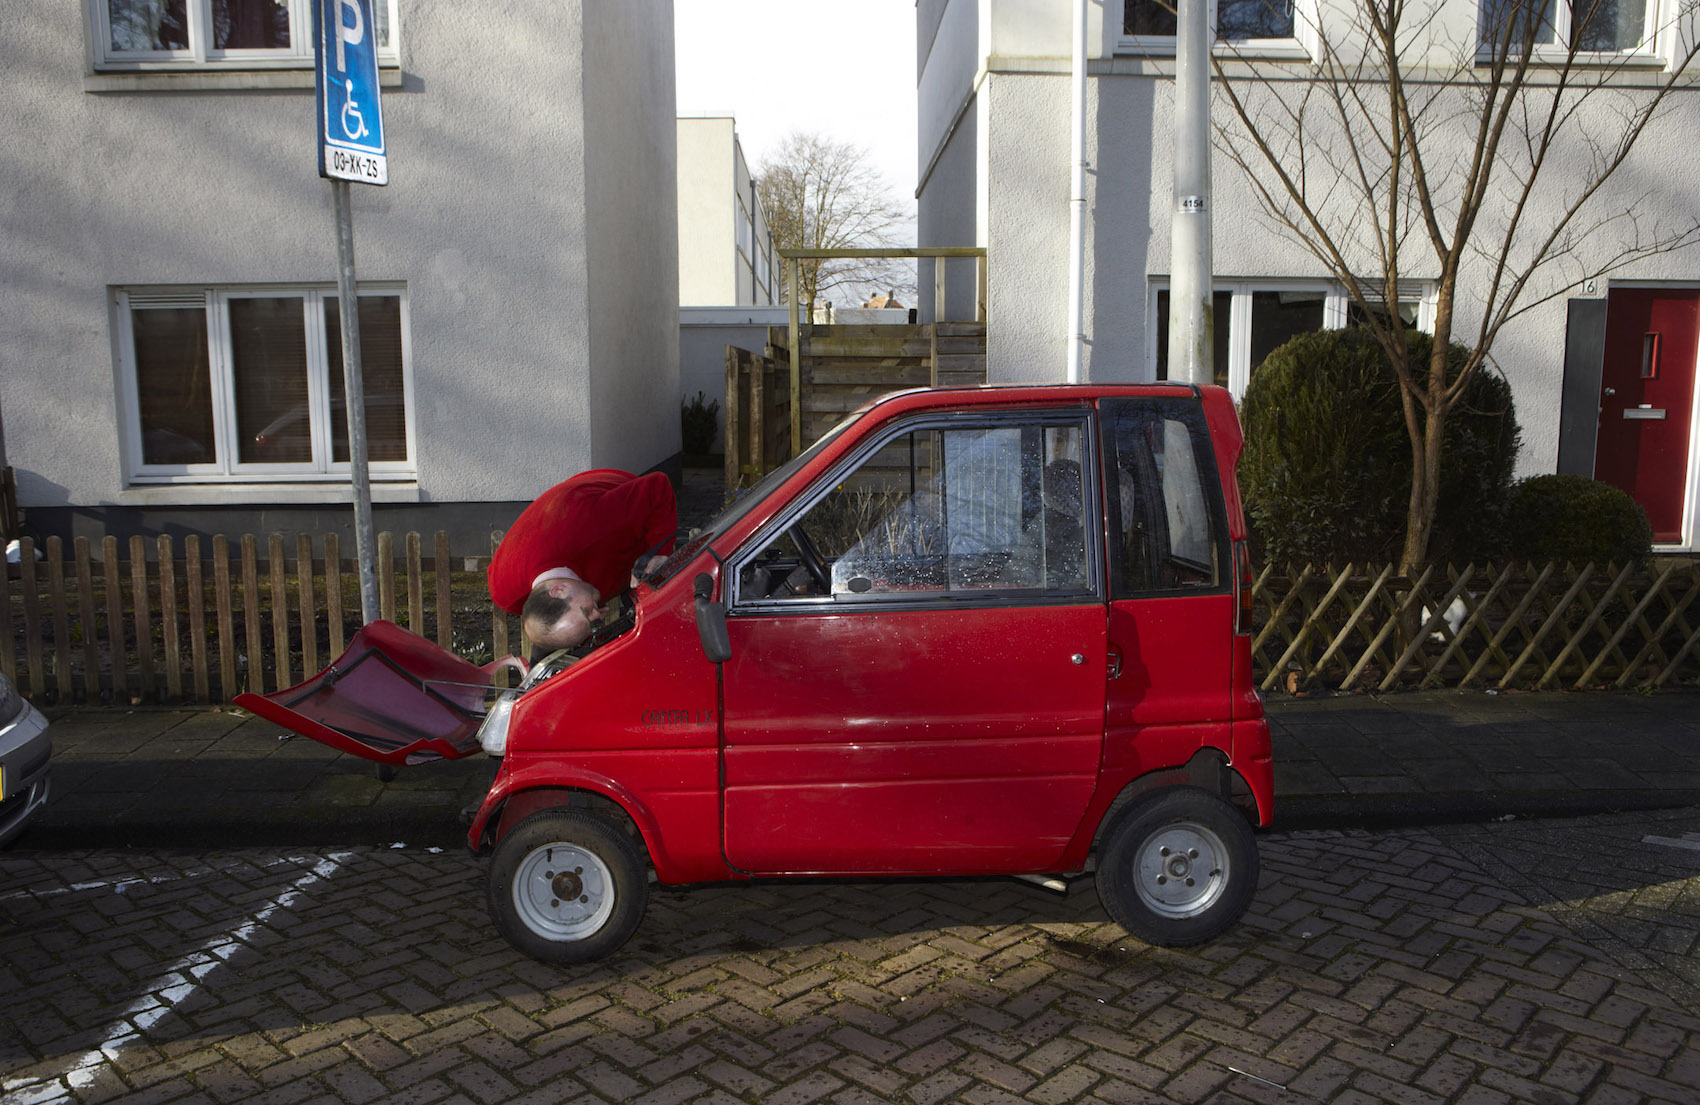 Nederland, 02-03-2015 Betondorp is een van de weinige wijken in Amsterdam waar de gentrificatie nog niet heeft toegeslagen. Een serie van een uniek stukje hoofddstad met een roemruchte geschiedenis. Hier kijkt een reperateur van Douwe Egberts naar de motor van de Canta van een vriendin: 'Lijkt eigenlijk precies op die van de motor van een koffiemachine.'